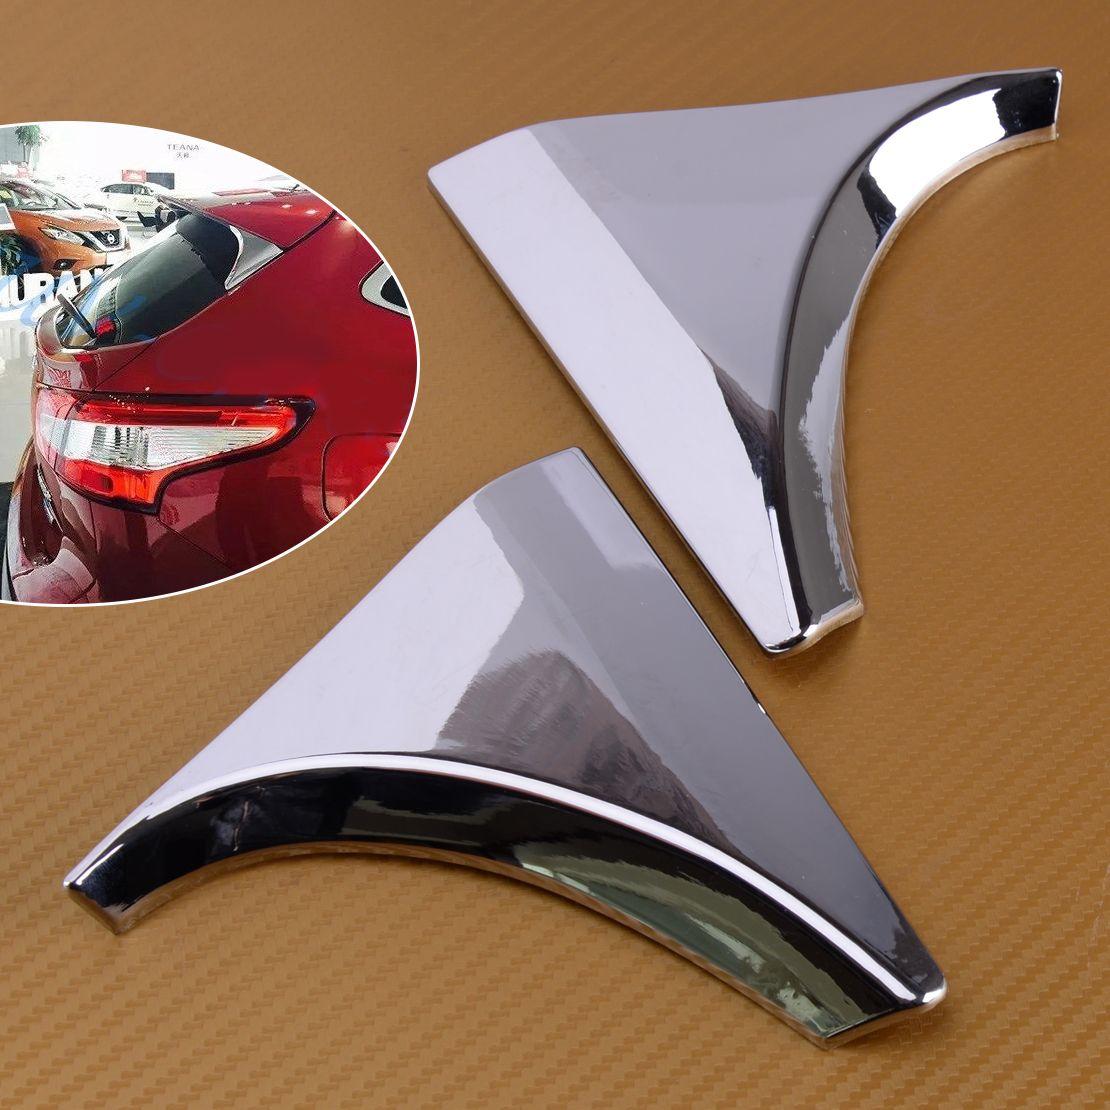 DWCX Car ABS Chrome 2Pcs Rear Window Tailgate Spoiler Trims Cover Fit for Nissan Qashqai J11 2014 2015 2016 2017 2018